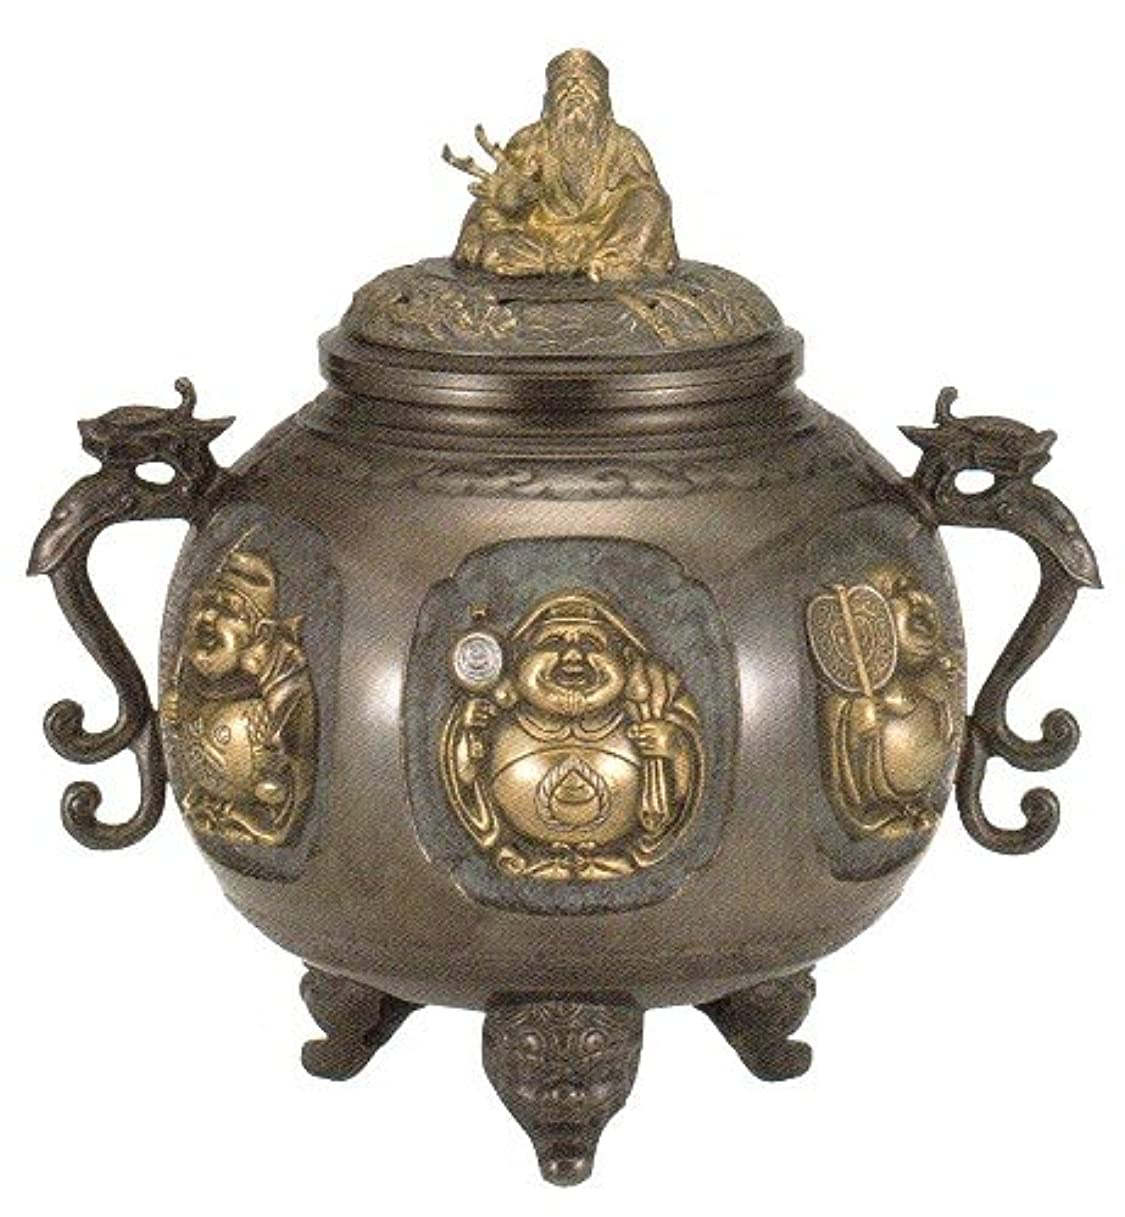 予定曲マトリックス香炉 特大 七福神(さしメッキ)高岡銅器 青銅製 高さ31×幅30×奥行24.5cm